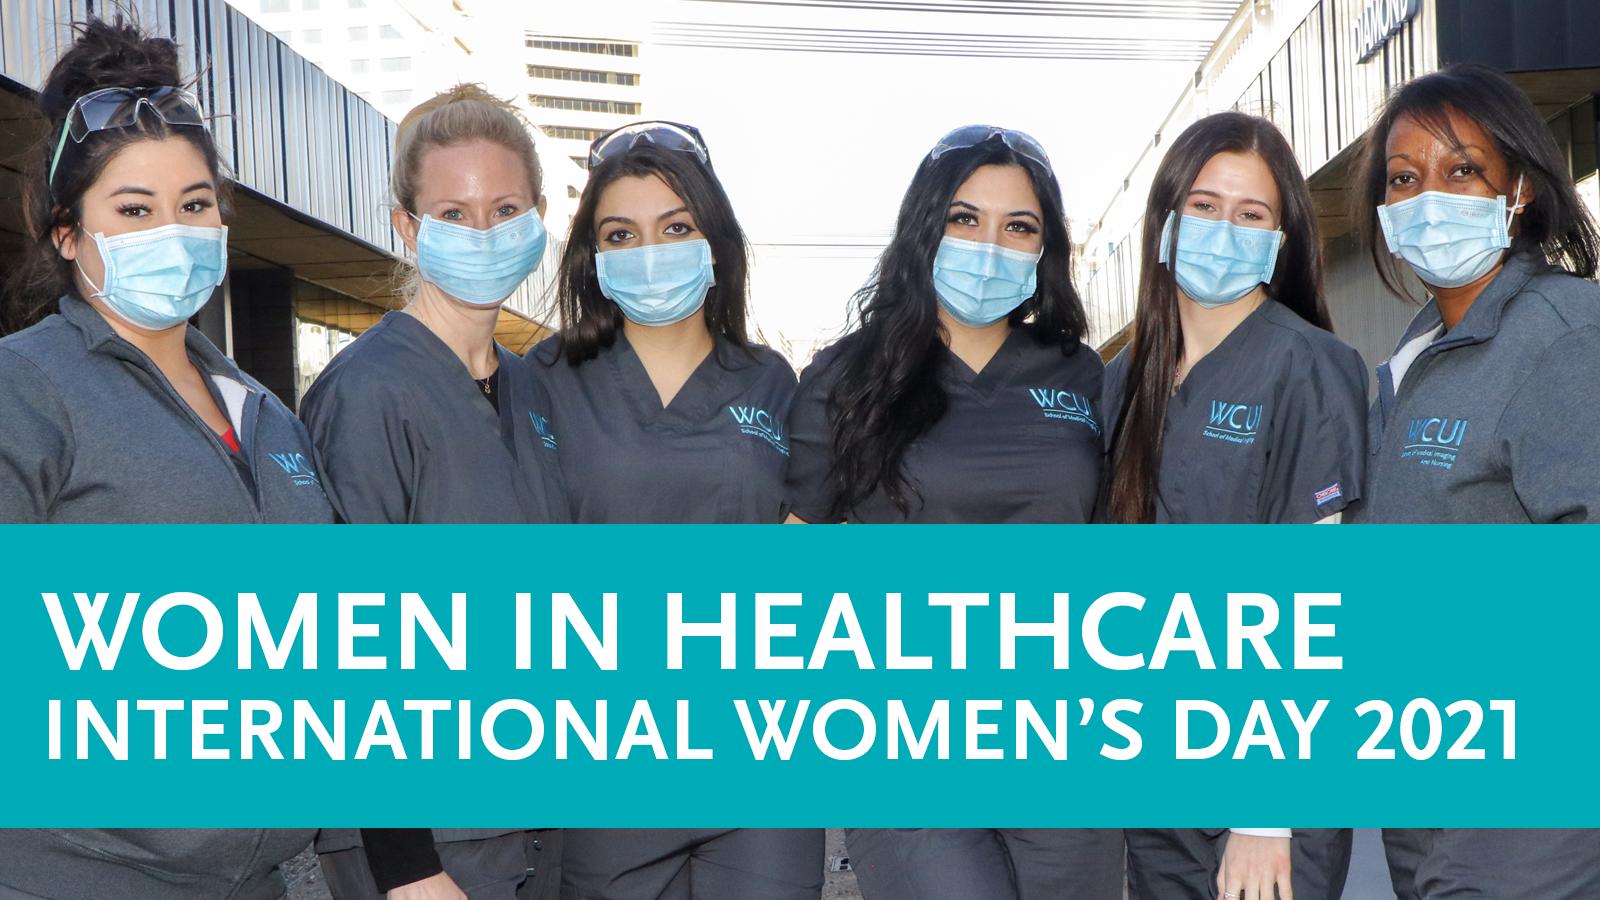 International Women's Day 2021 - Women in Healthcare